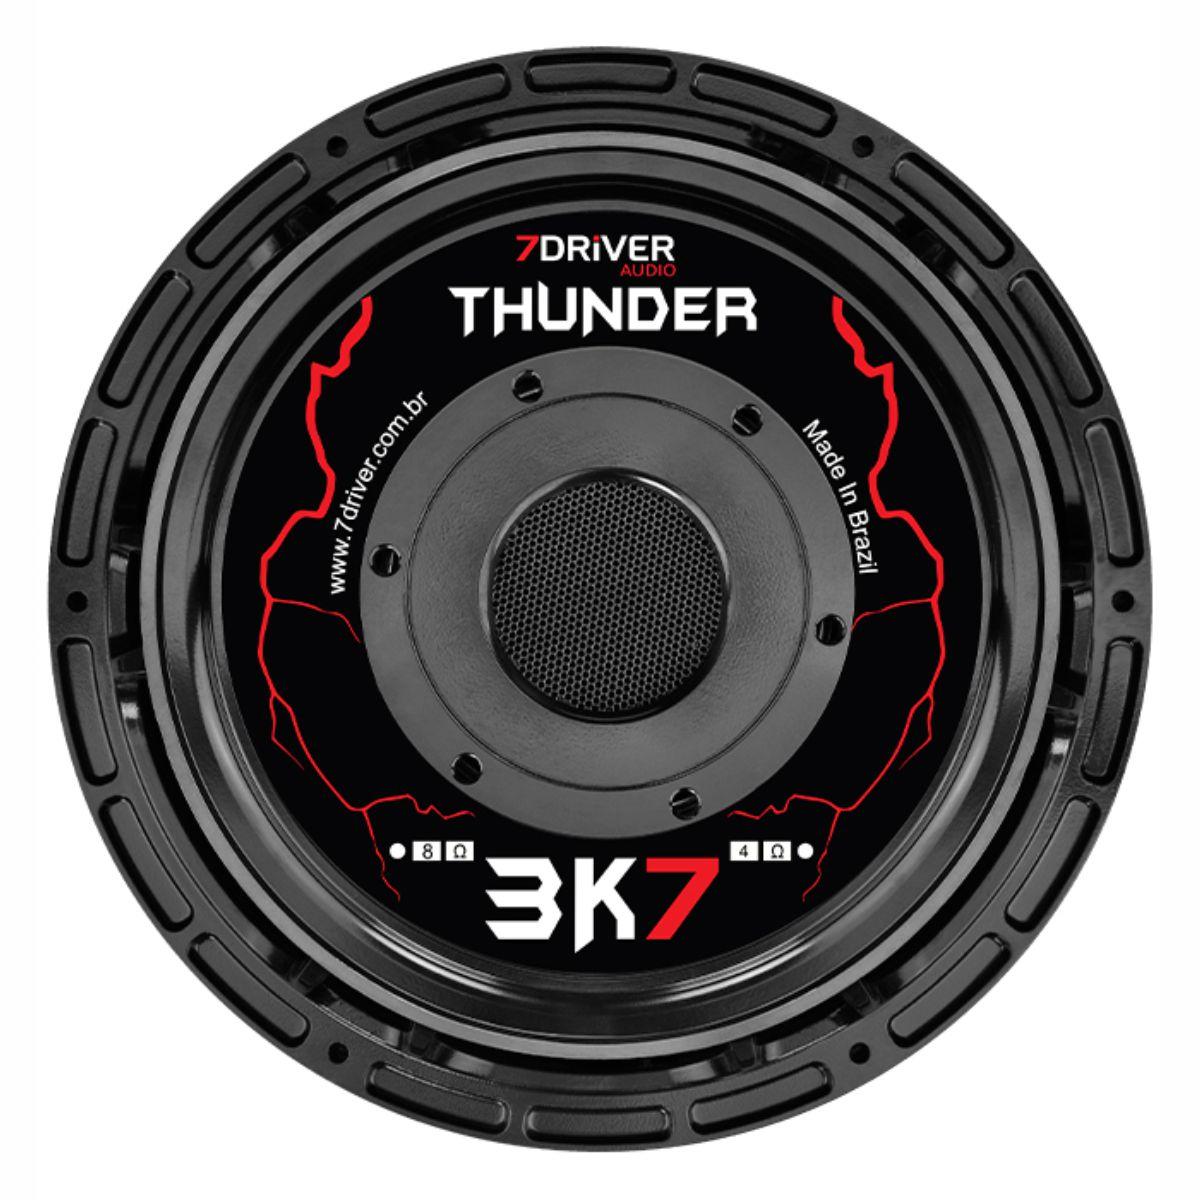 """Alto Falante Woofer 7Driver 12"""" Thunder 3K7 1850W Rms 4 Ohms"""